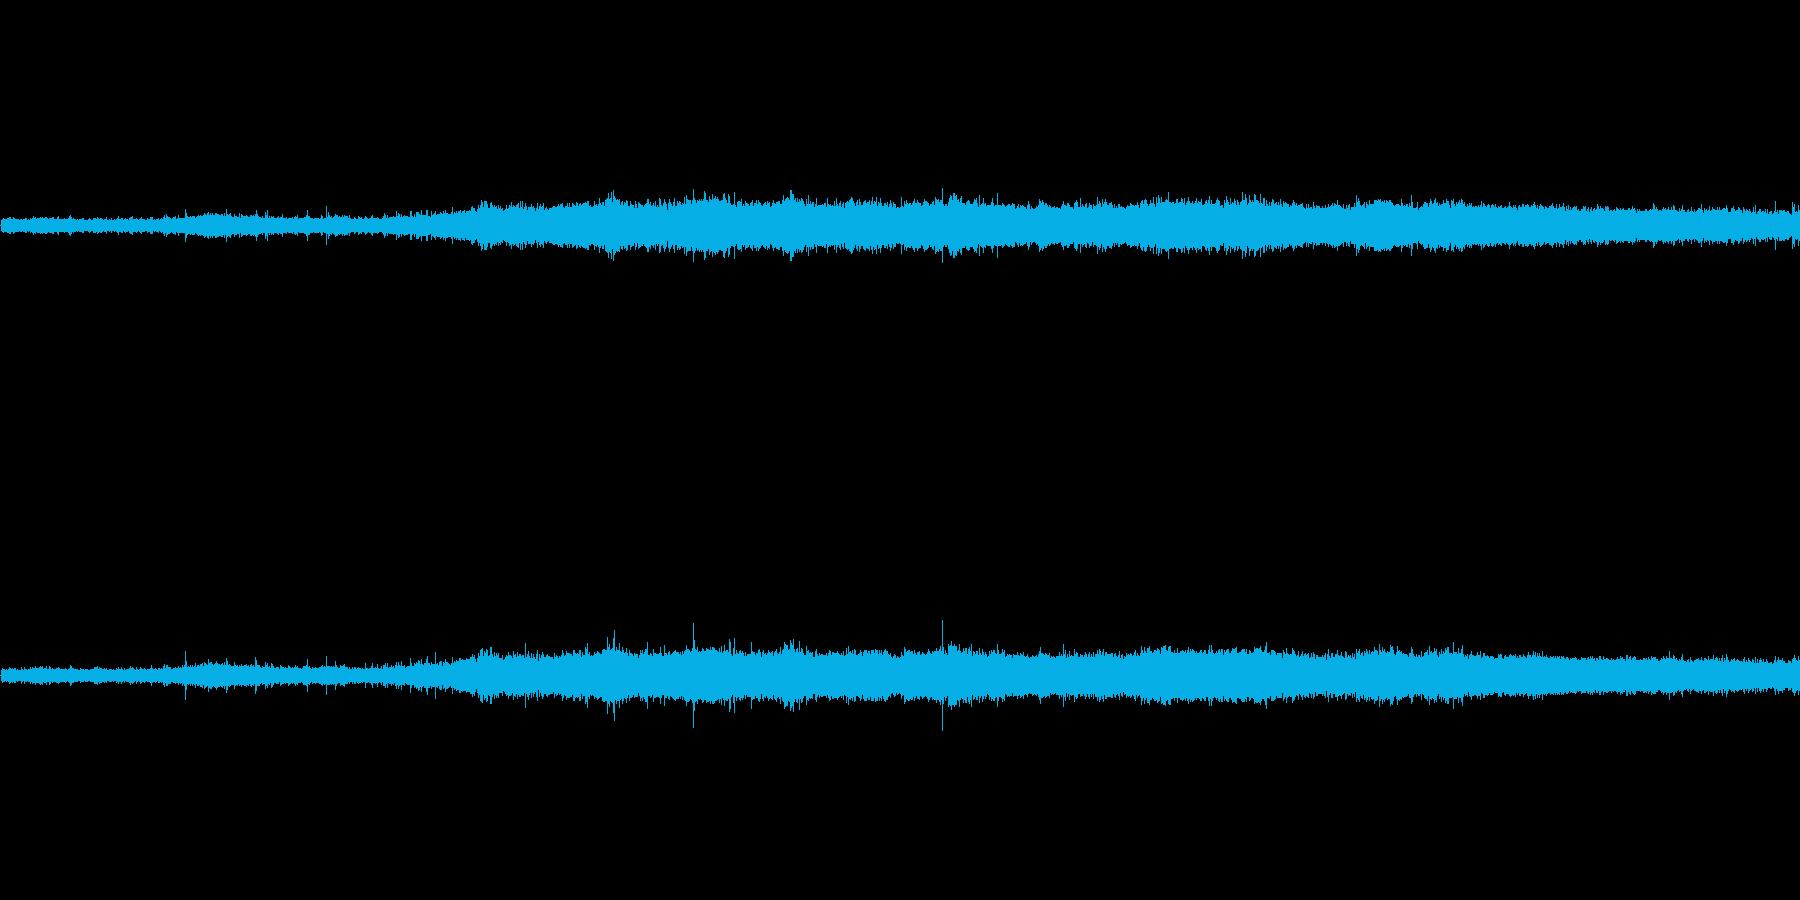 【生音】夏の日の雨音 - 01 雨の降…の再生済みの波形